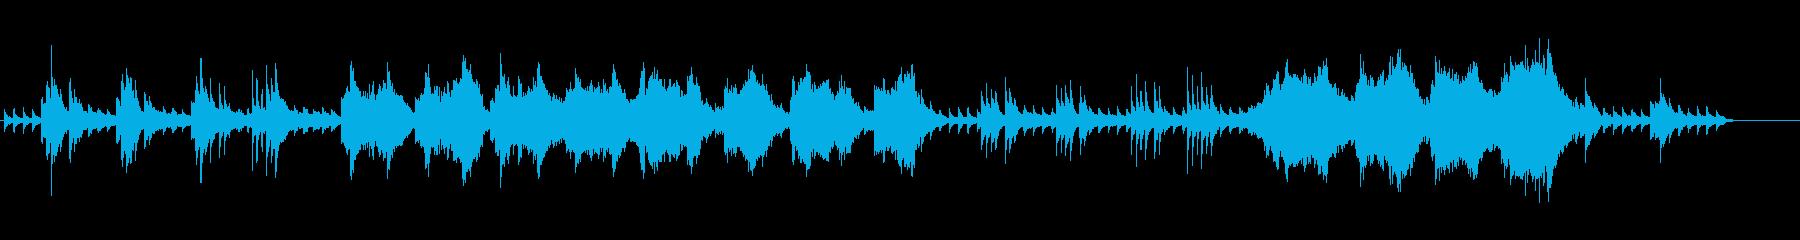 【オーケストラ】絶望感_喪失感_迷いの再生済みの波形